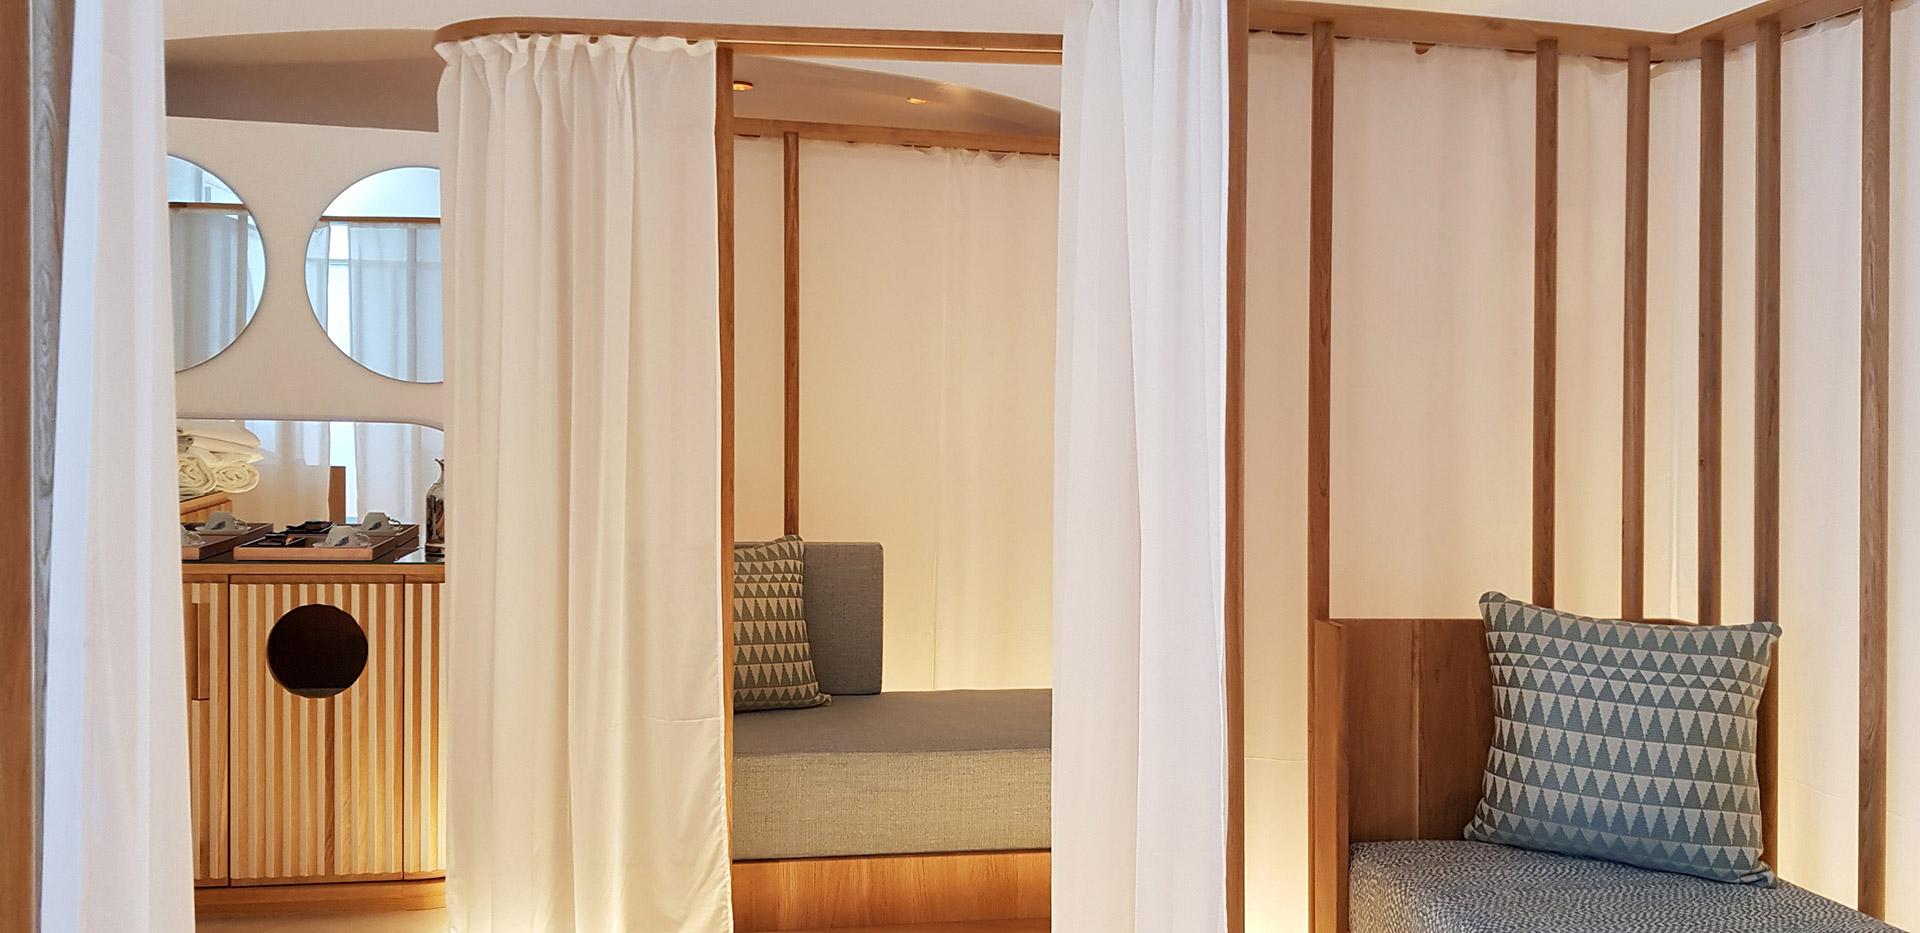 SPA HOTEL ROMAZZINO